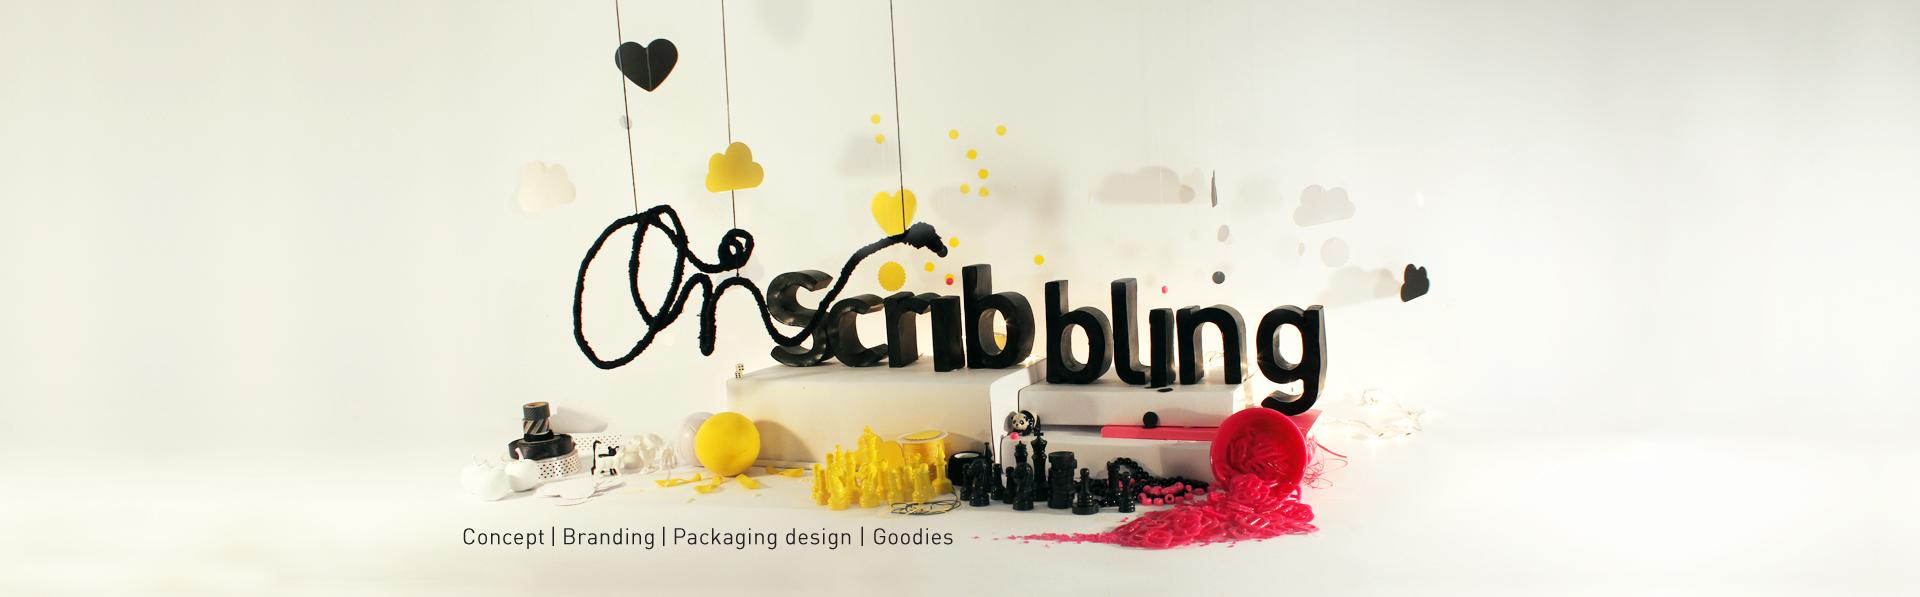 On Scribbling - בלוג מיתוג, עיצוב, אריזות ומערכות היחסים בינהם לבין הקהל